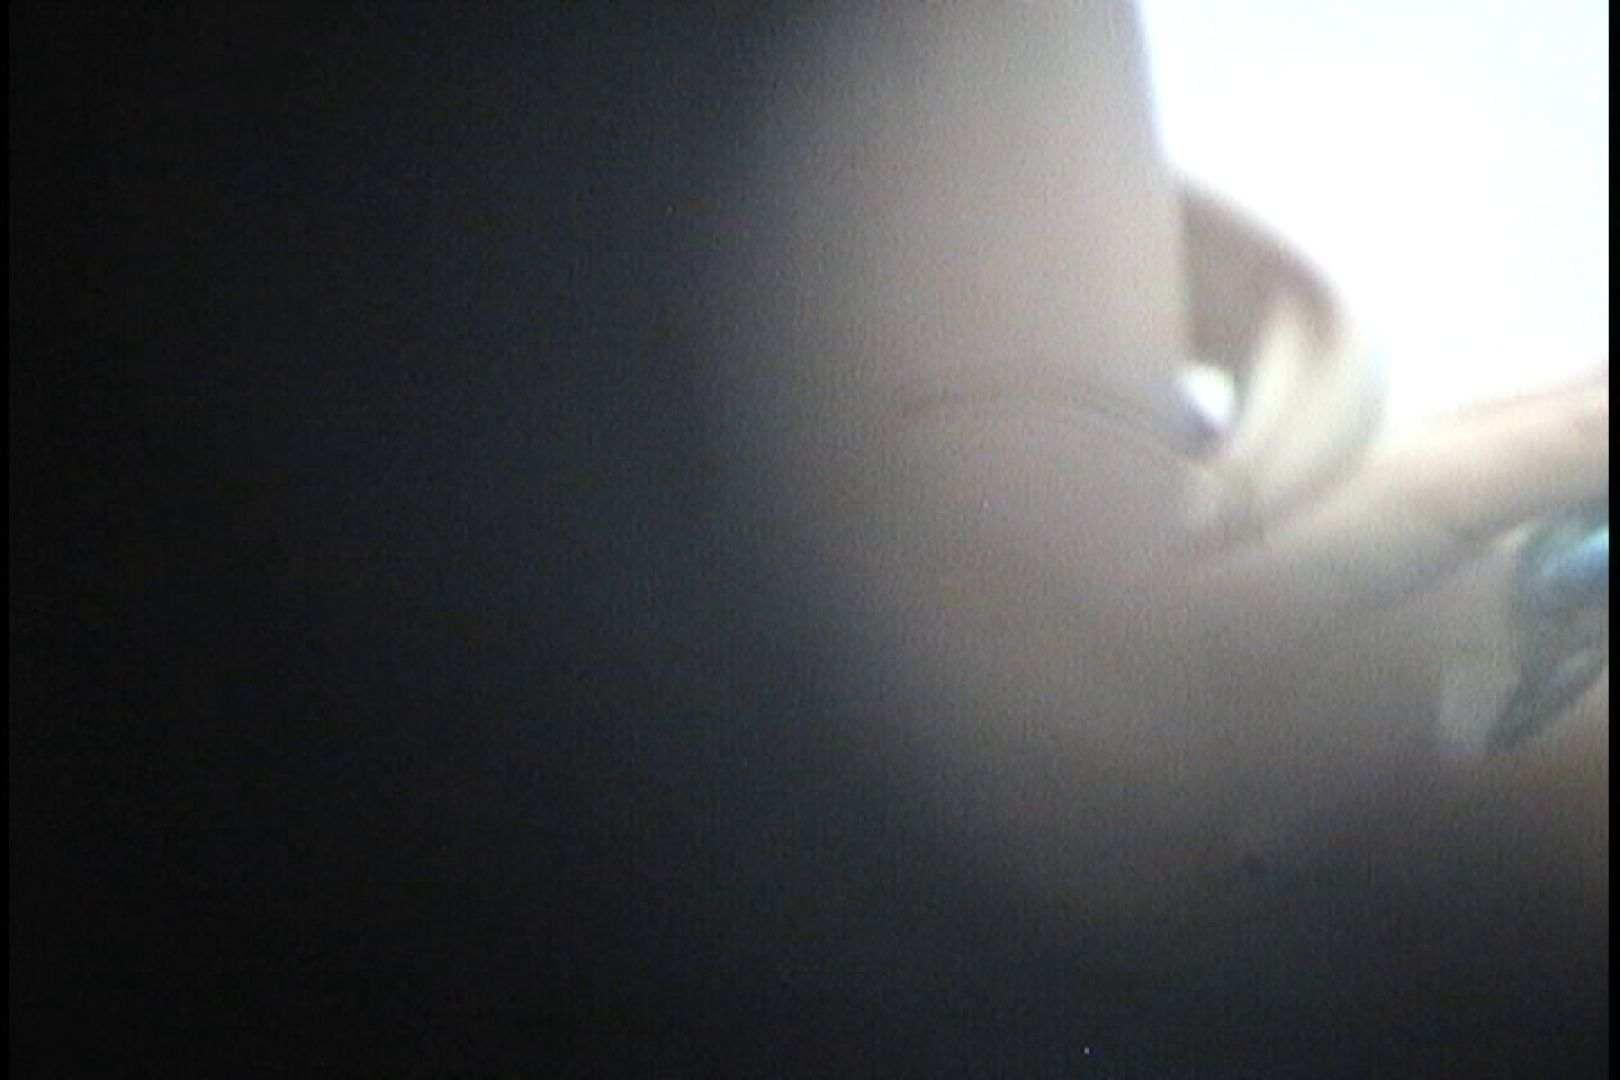 セックスアダルト動画 No.25 まあるい巨乳、つまみたくなる乳首です。 怪盗ジョーカー